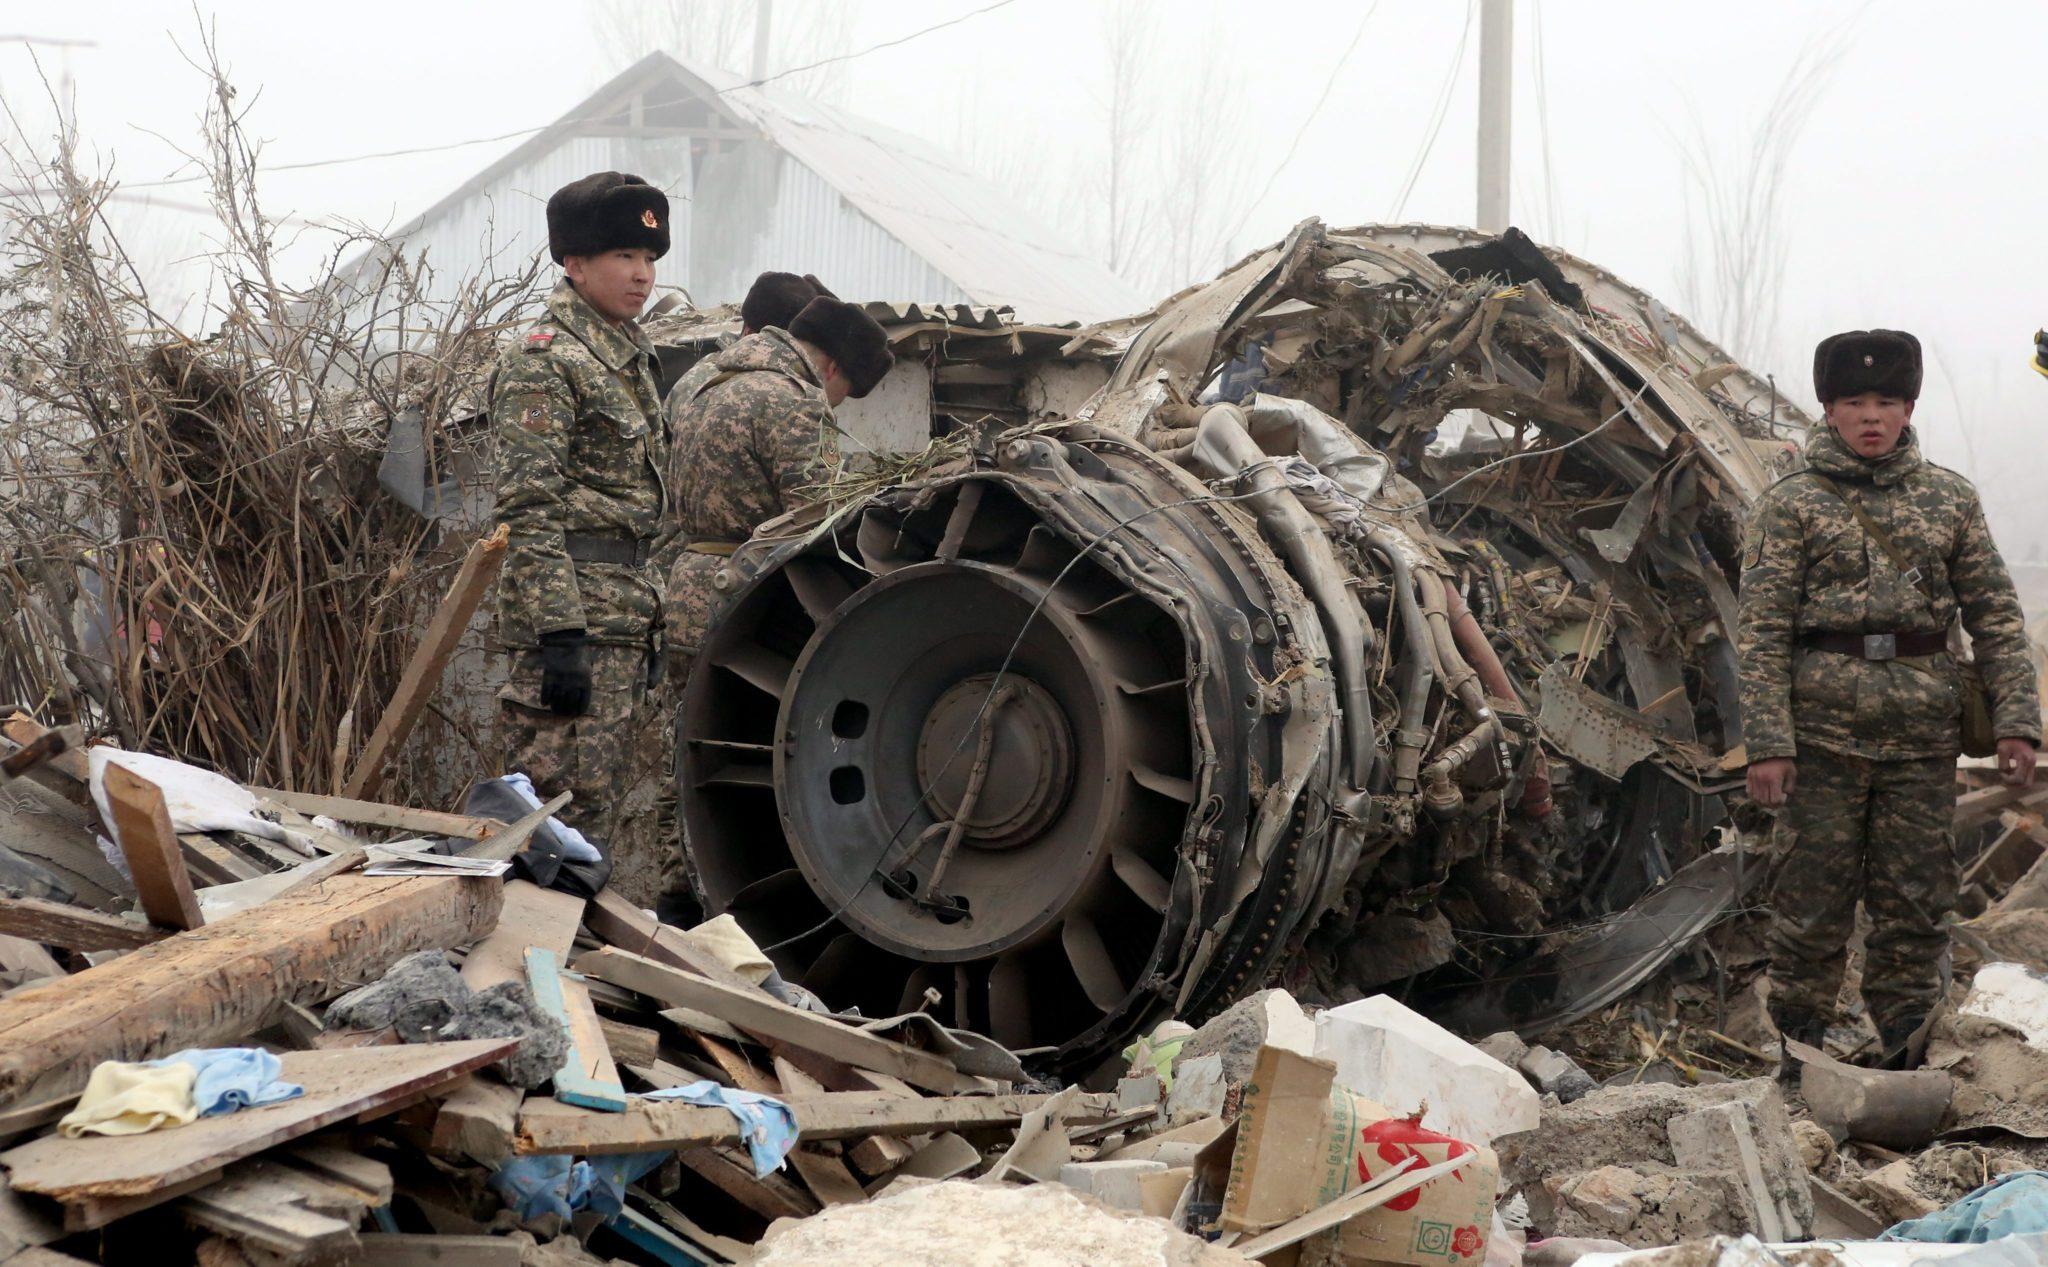 Kirgistan: katastrofa tureckiego samolotu transportowego. Samolot spadł na zabudowania 30 km od stolicy kraju (foto. PAP/EPA/IGOR KOVALENKO)